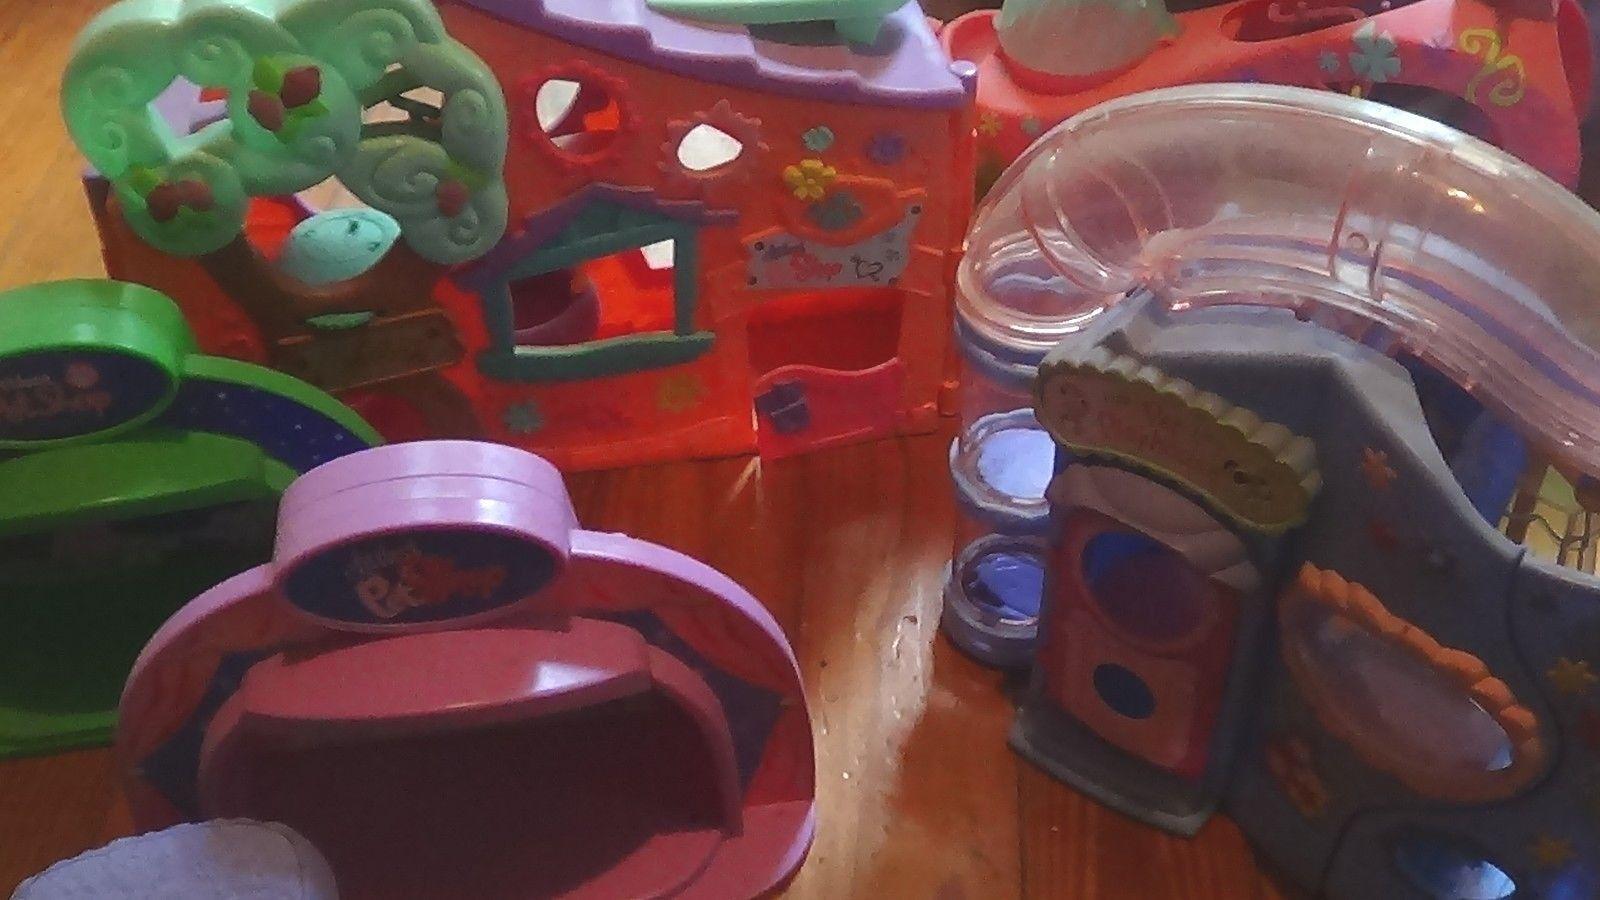 Littlest Pet Shop HUGE of Lot HOUSES, ACCESSORIES, ACCESSORIES, ACCESSORIES, & MORE    2 HUGE BOXES    b394f1